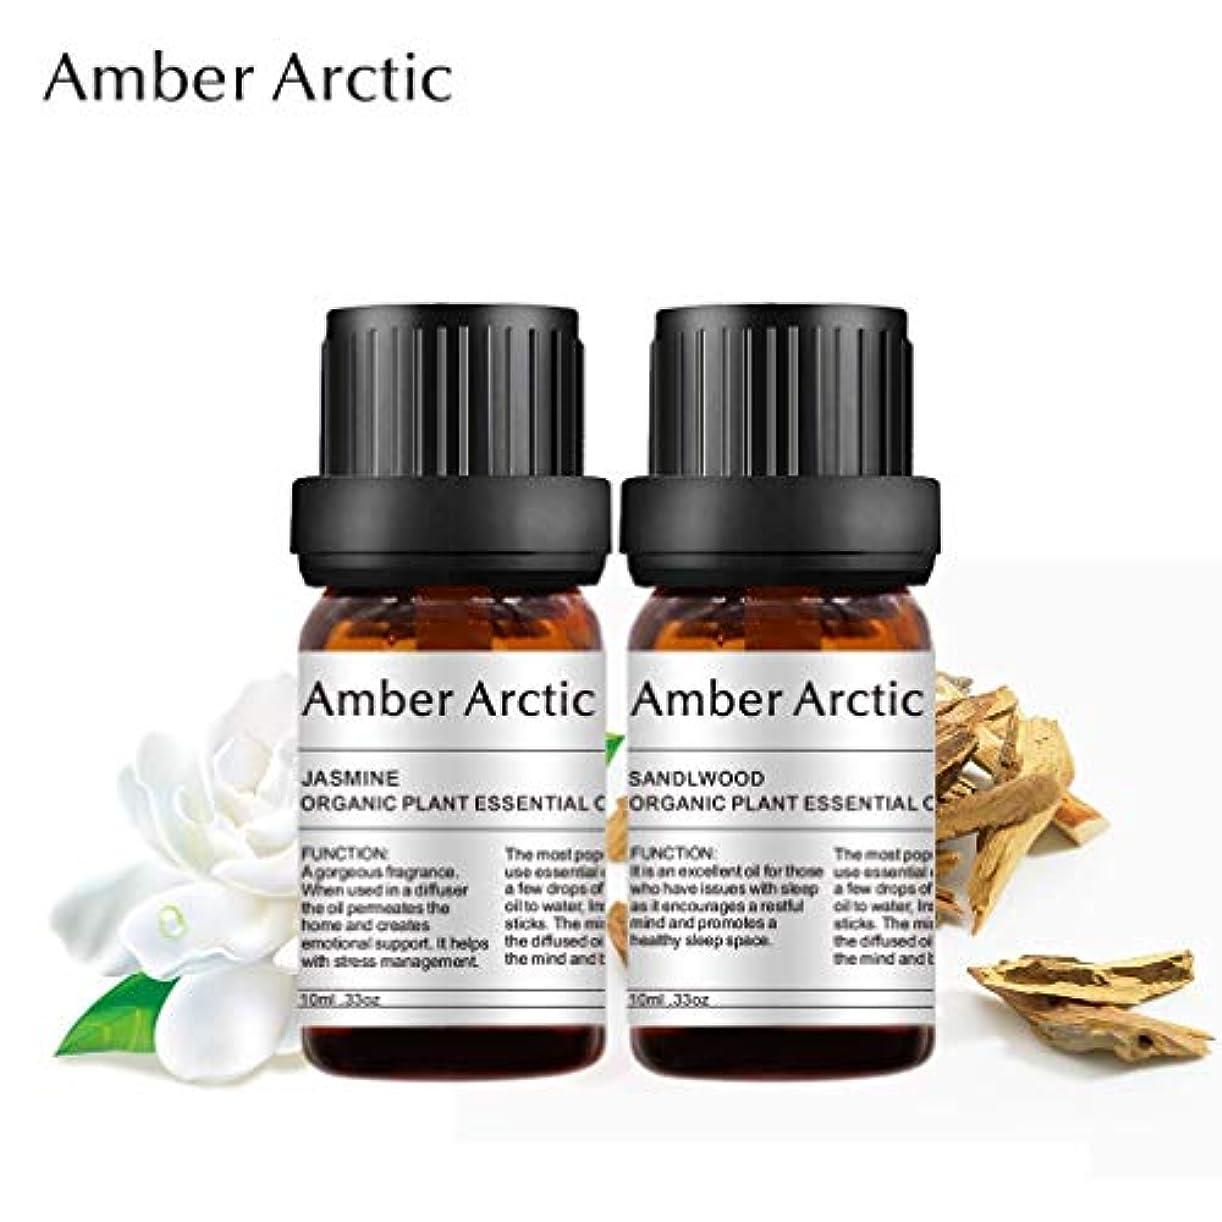 聞きますセンチメンタル検閲Amber Arctic ジャスミン ビャクダン 精油 セット、 ディフューザ 2×10 ミリリットル 100% 純粋 天然 アロマ エッセンシャル オイル